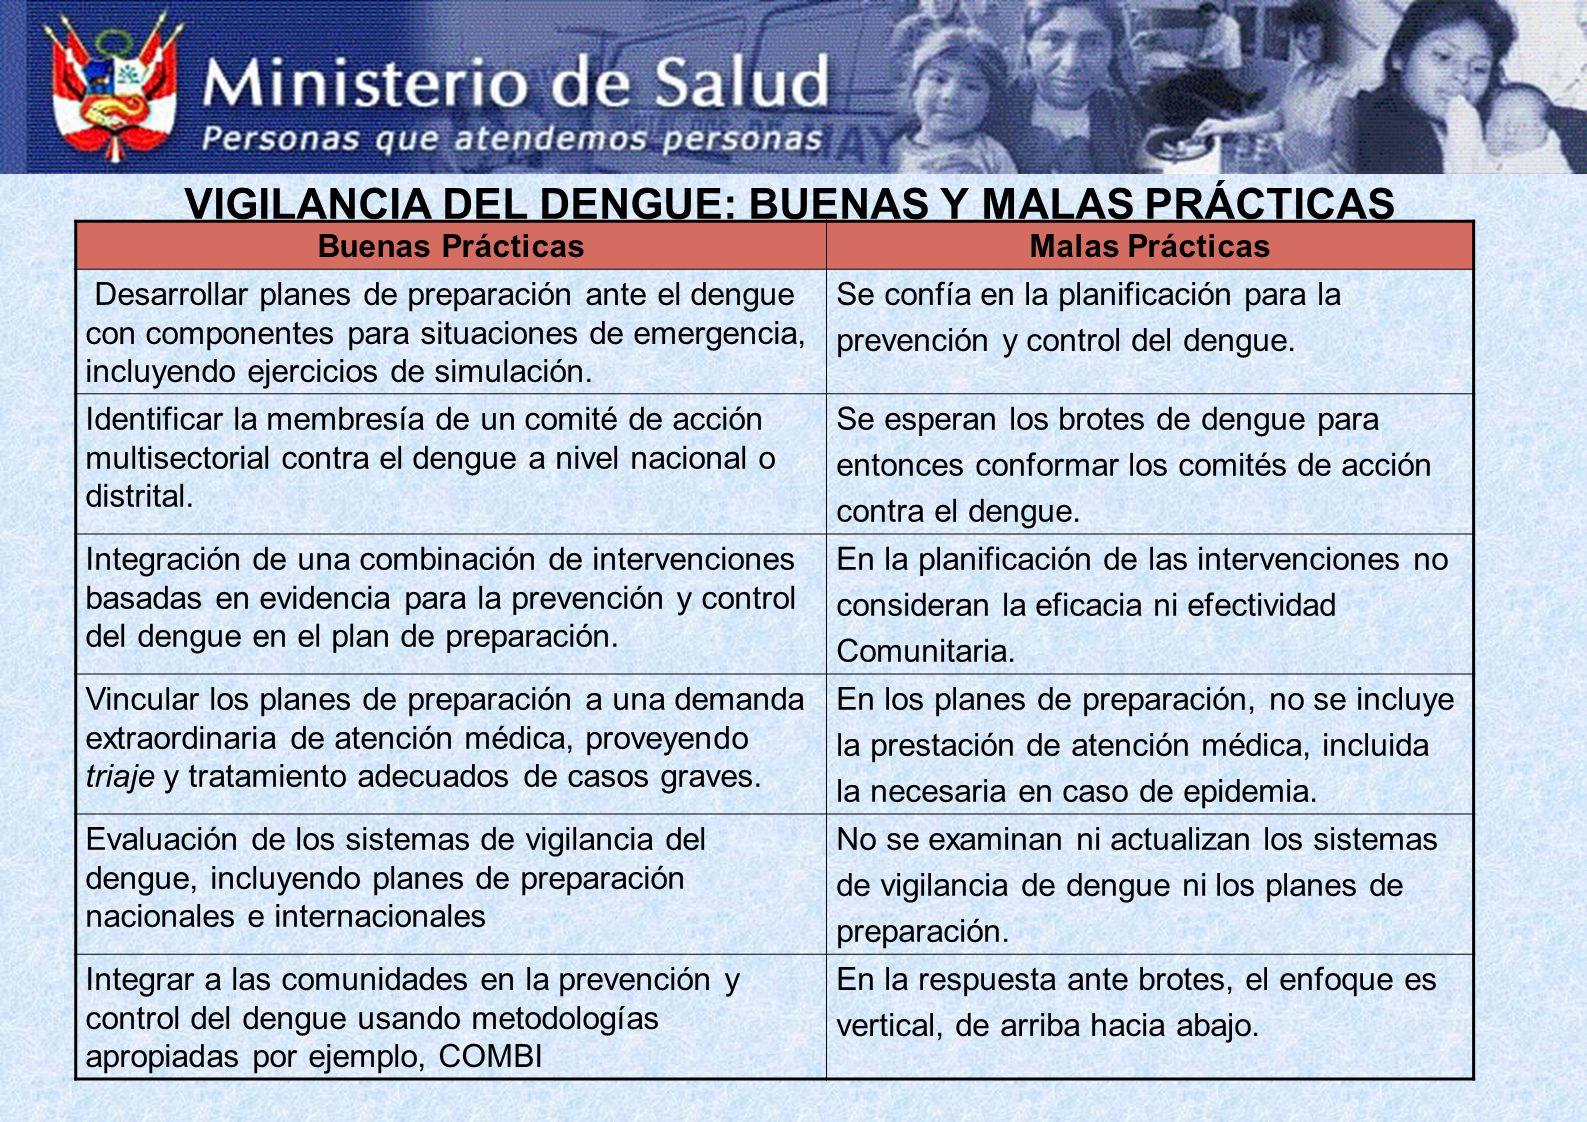 VIGILANCIA DEL DENGUE: BUENAS Y MALAS PRÁCTICAS